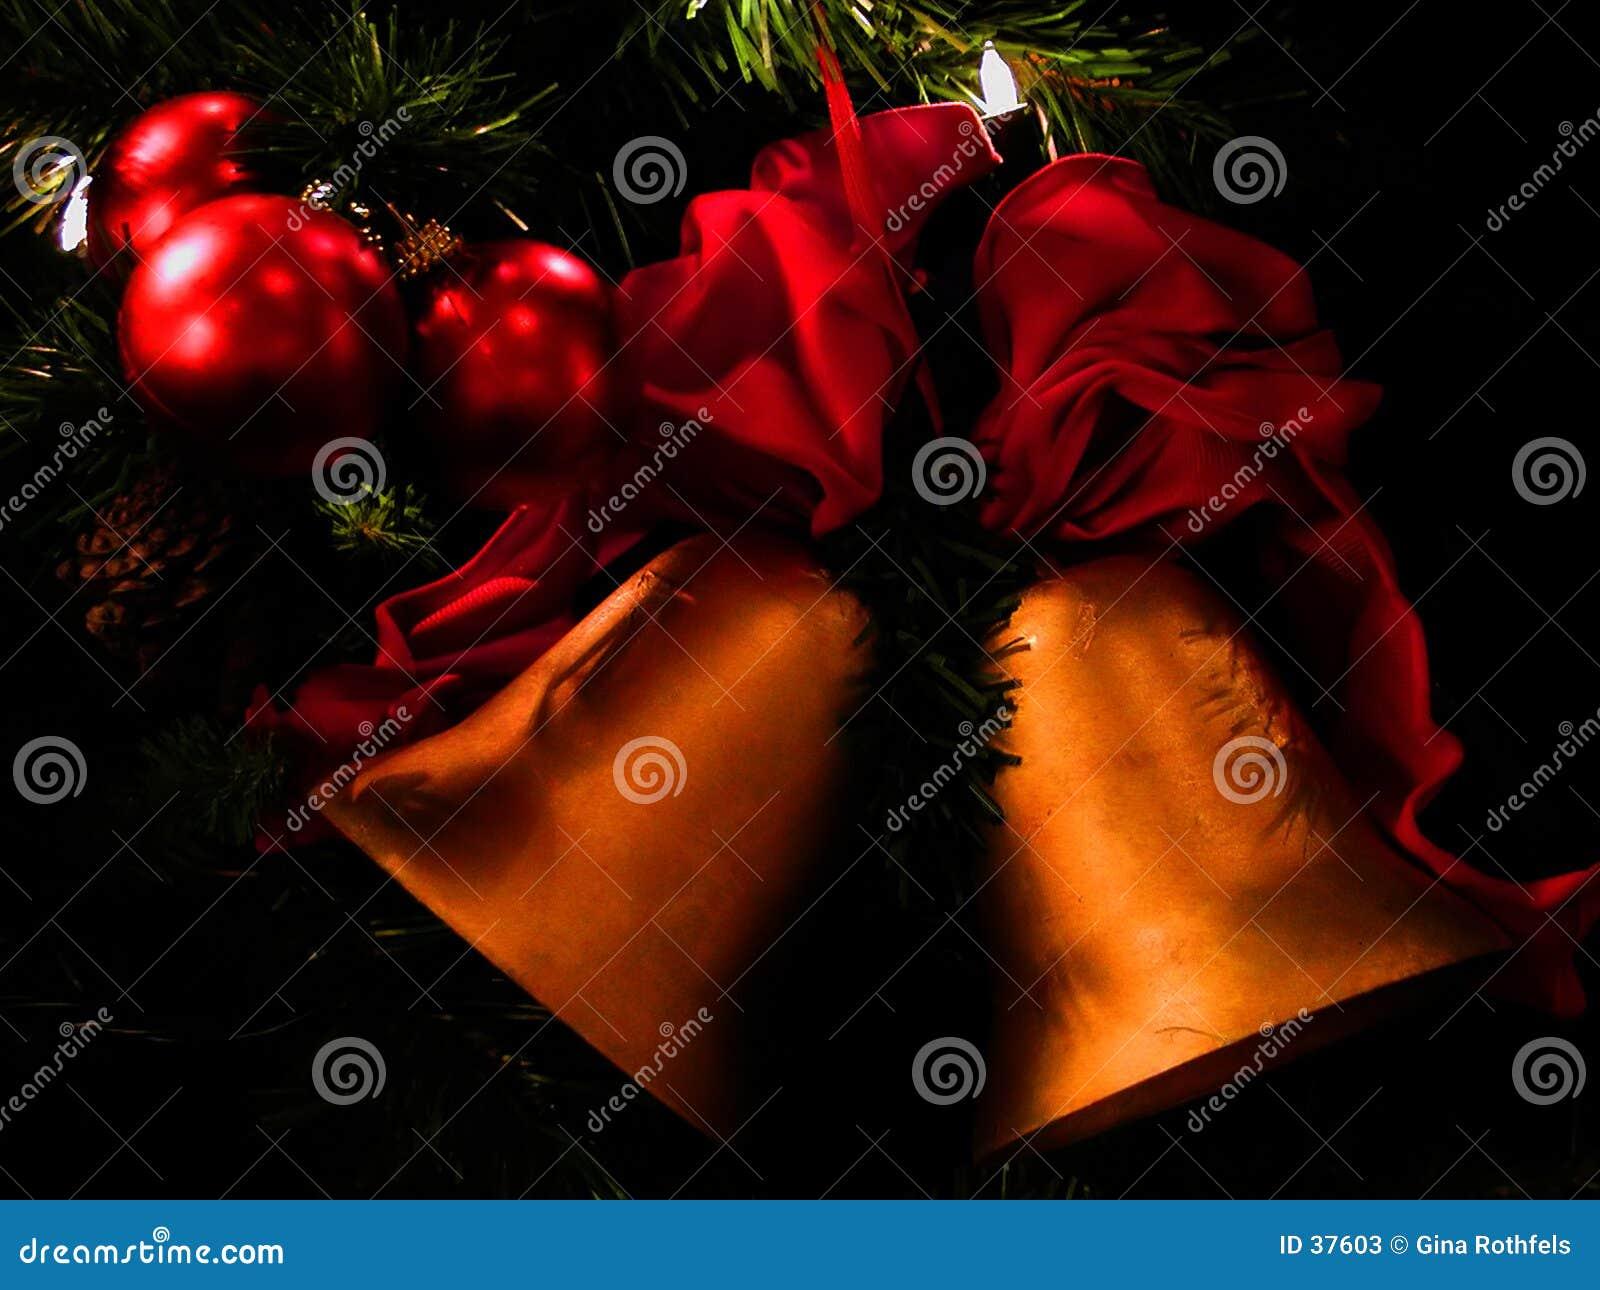 Download Weihnachtsglocken stockbild. Bild von feiertage, saisonal - 37603